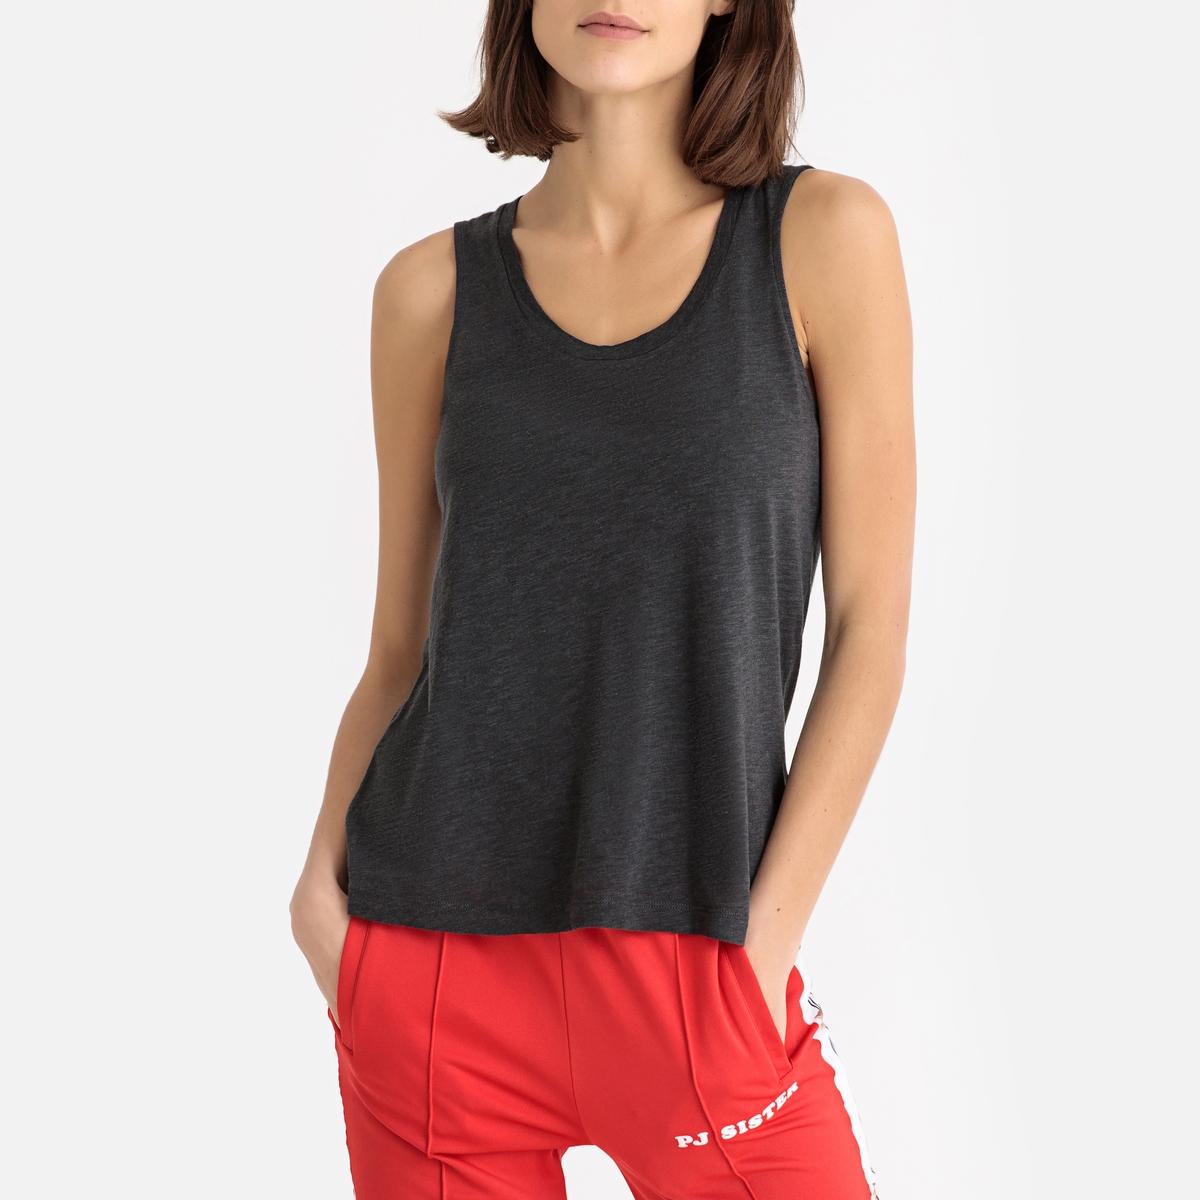 Imagen secundaria de producto de Camiseta sin mangas de algodón flameado JACKSONVILLE - American Vintage